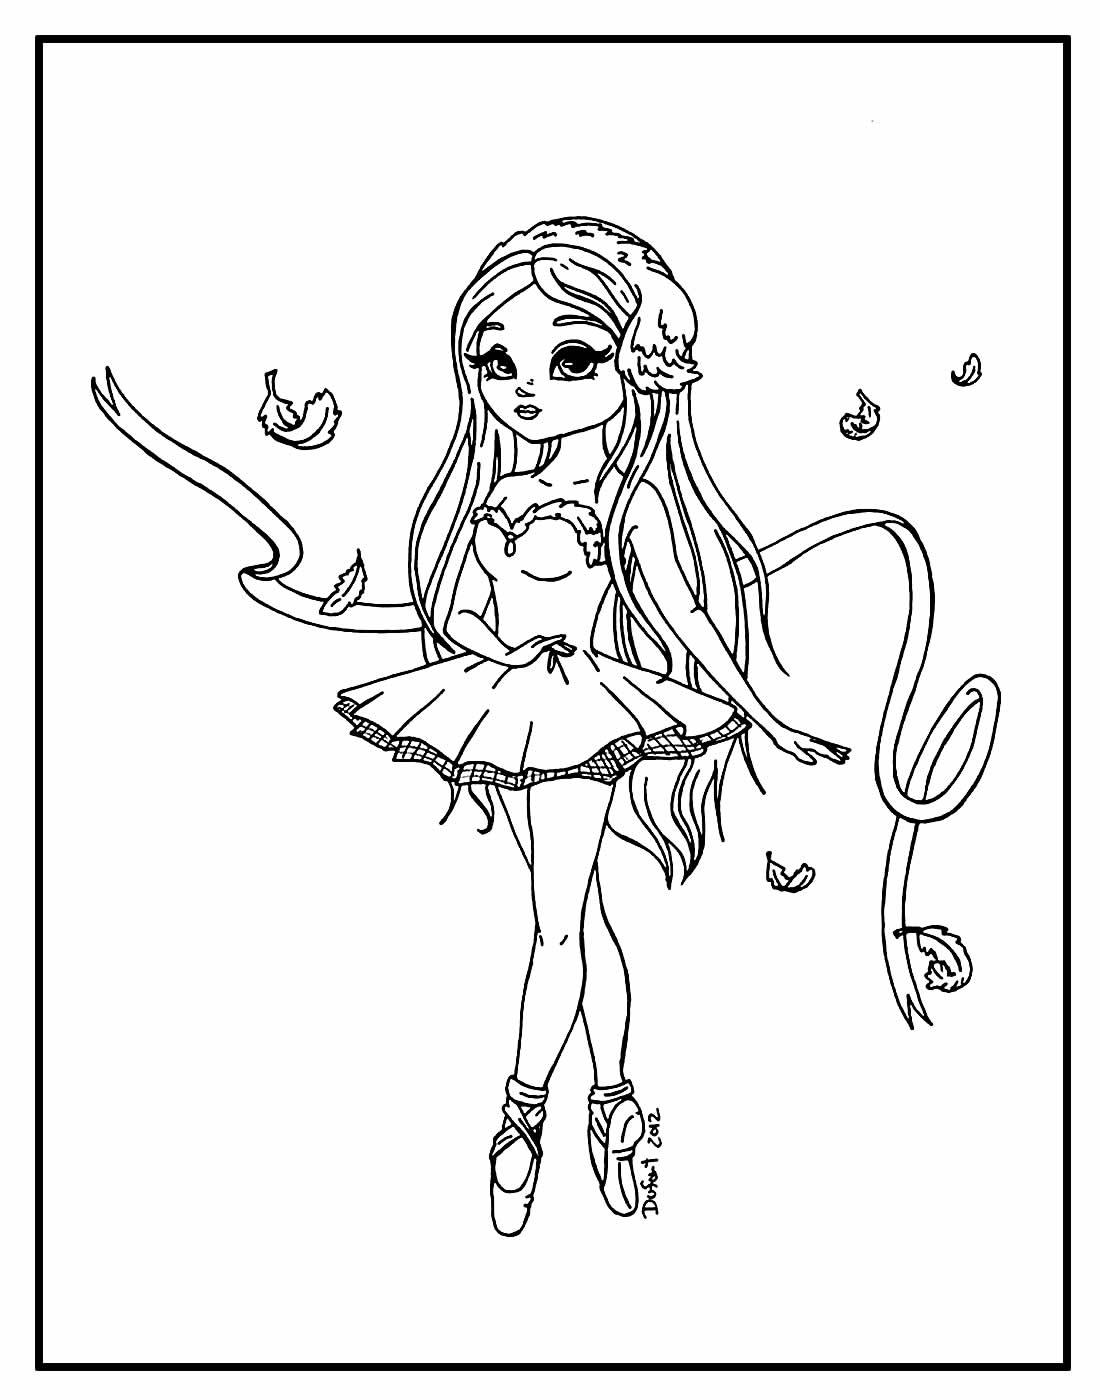 Página para colorir de Bailarina